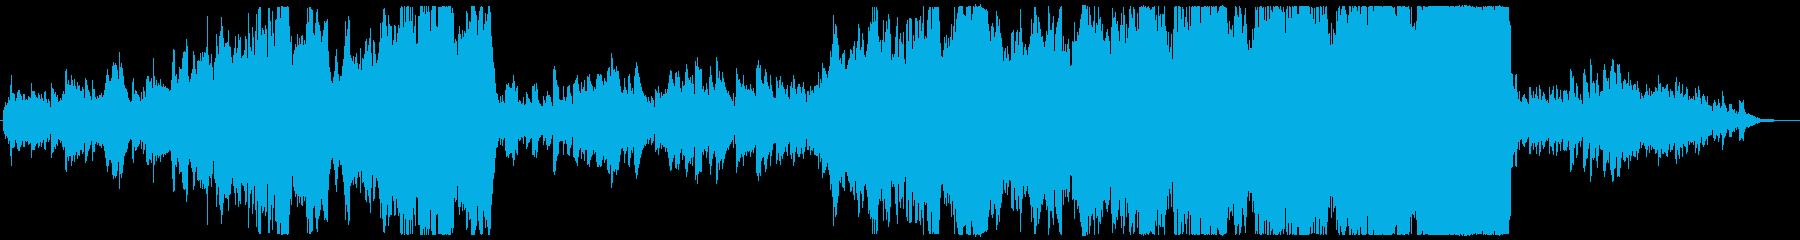 電気音響シンフォニー ファンタジー...の再生済みの波形